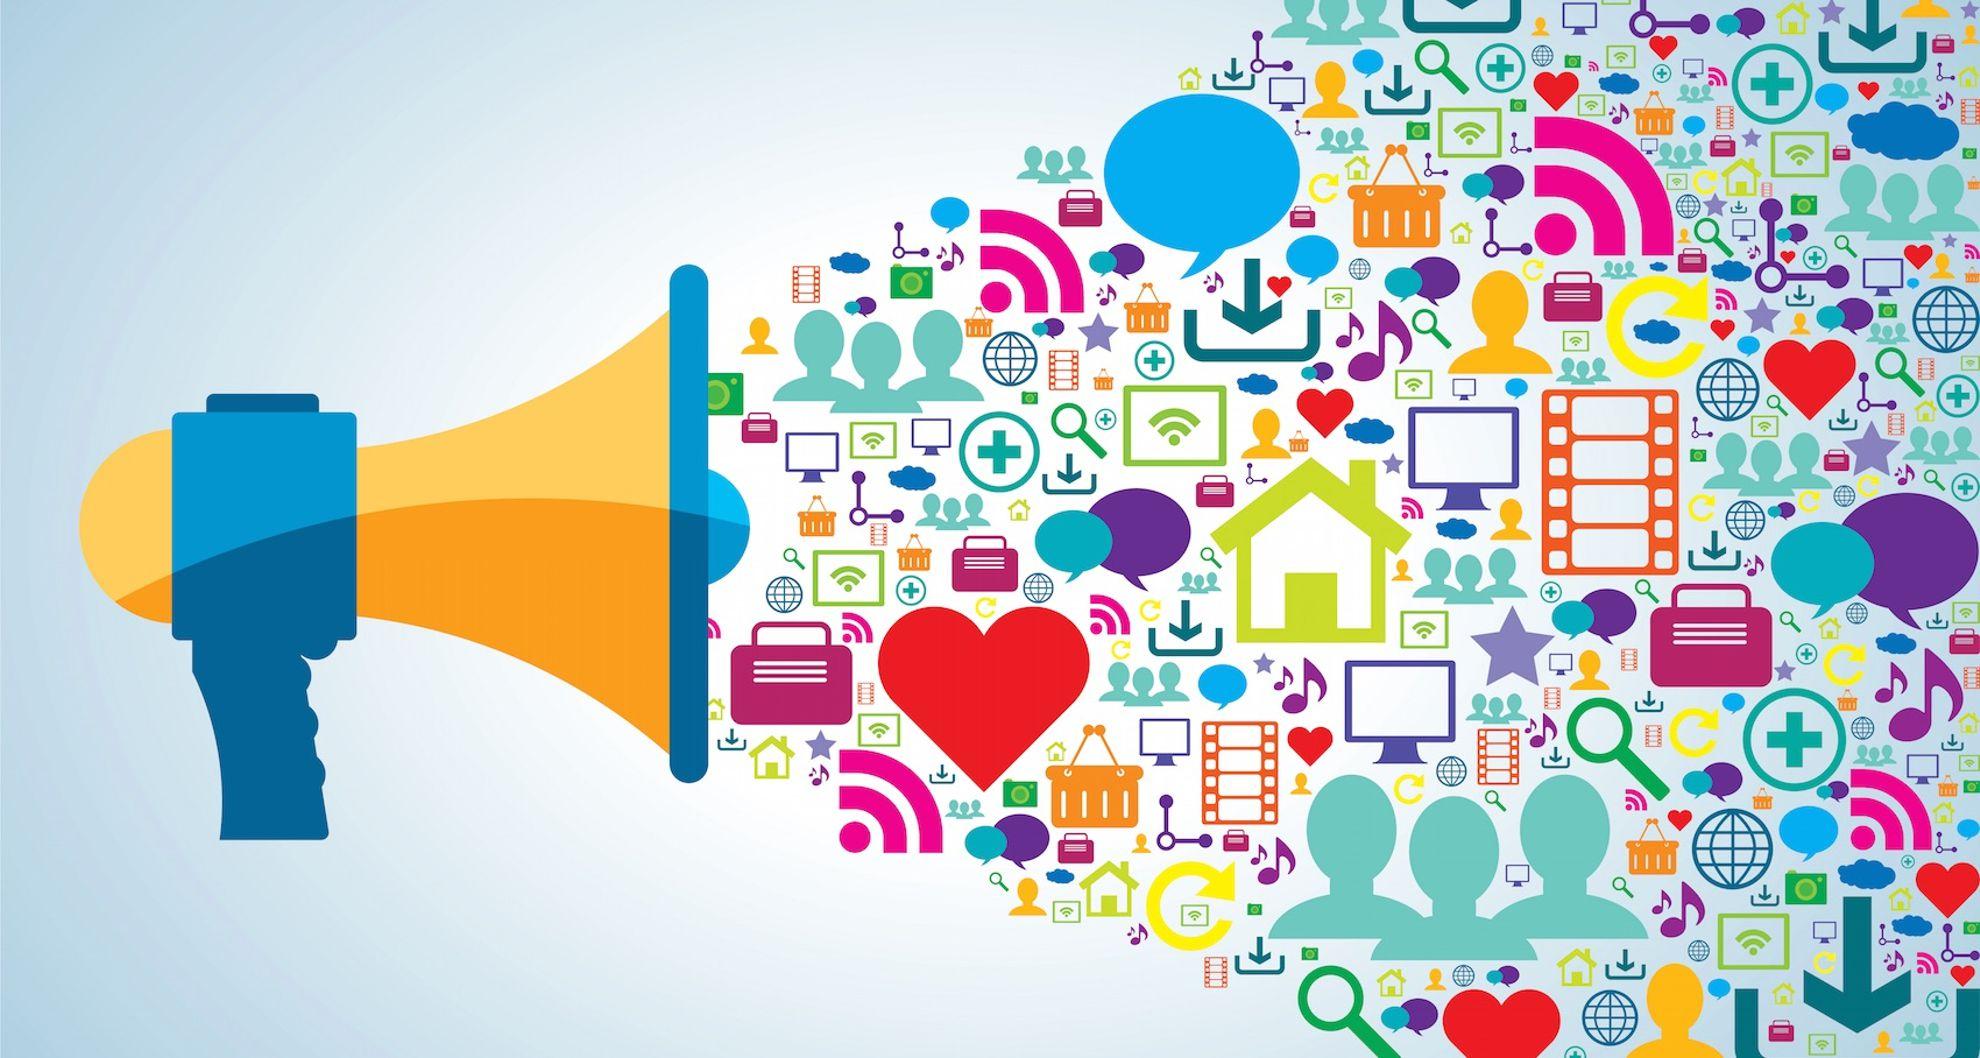 360-video-social-media